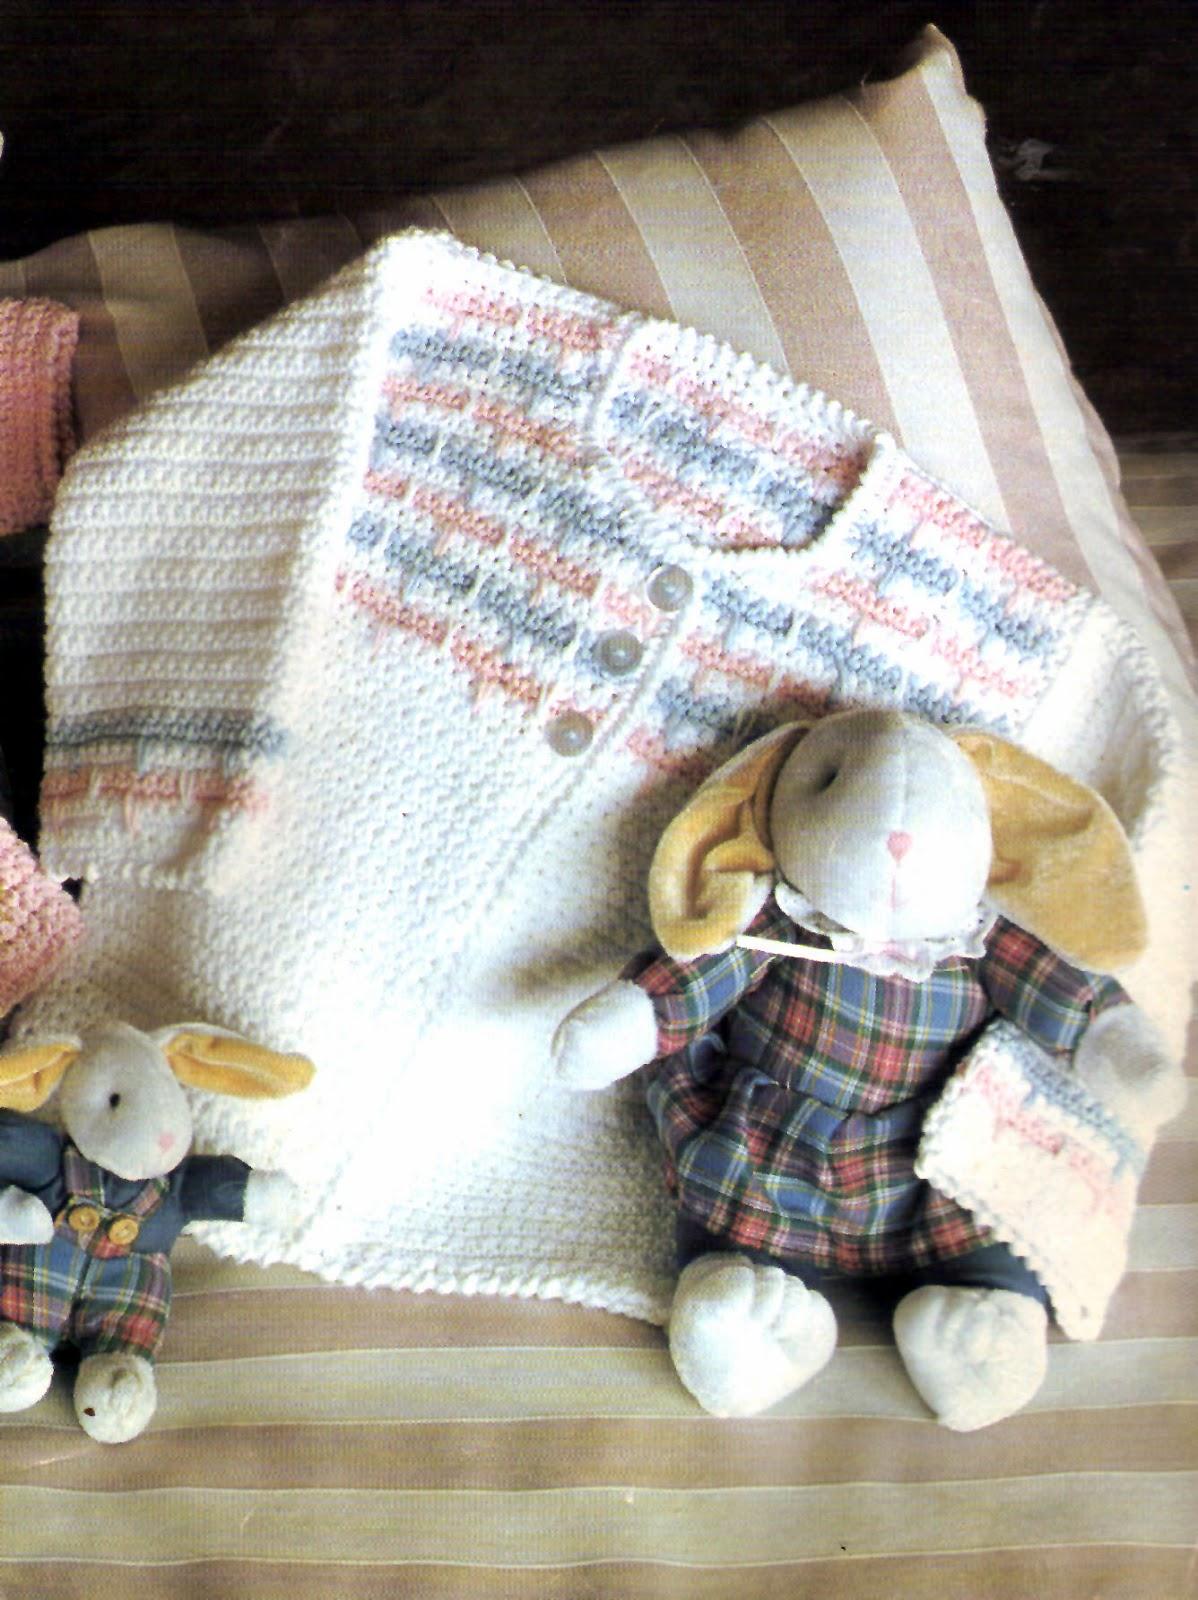 tejidos artesanales en crochet: saquito blanco para bebe tejido en ...